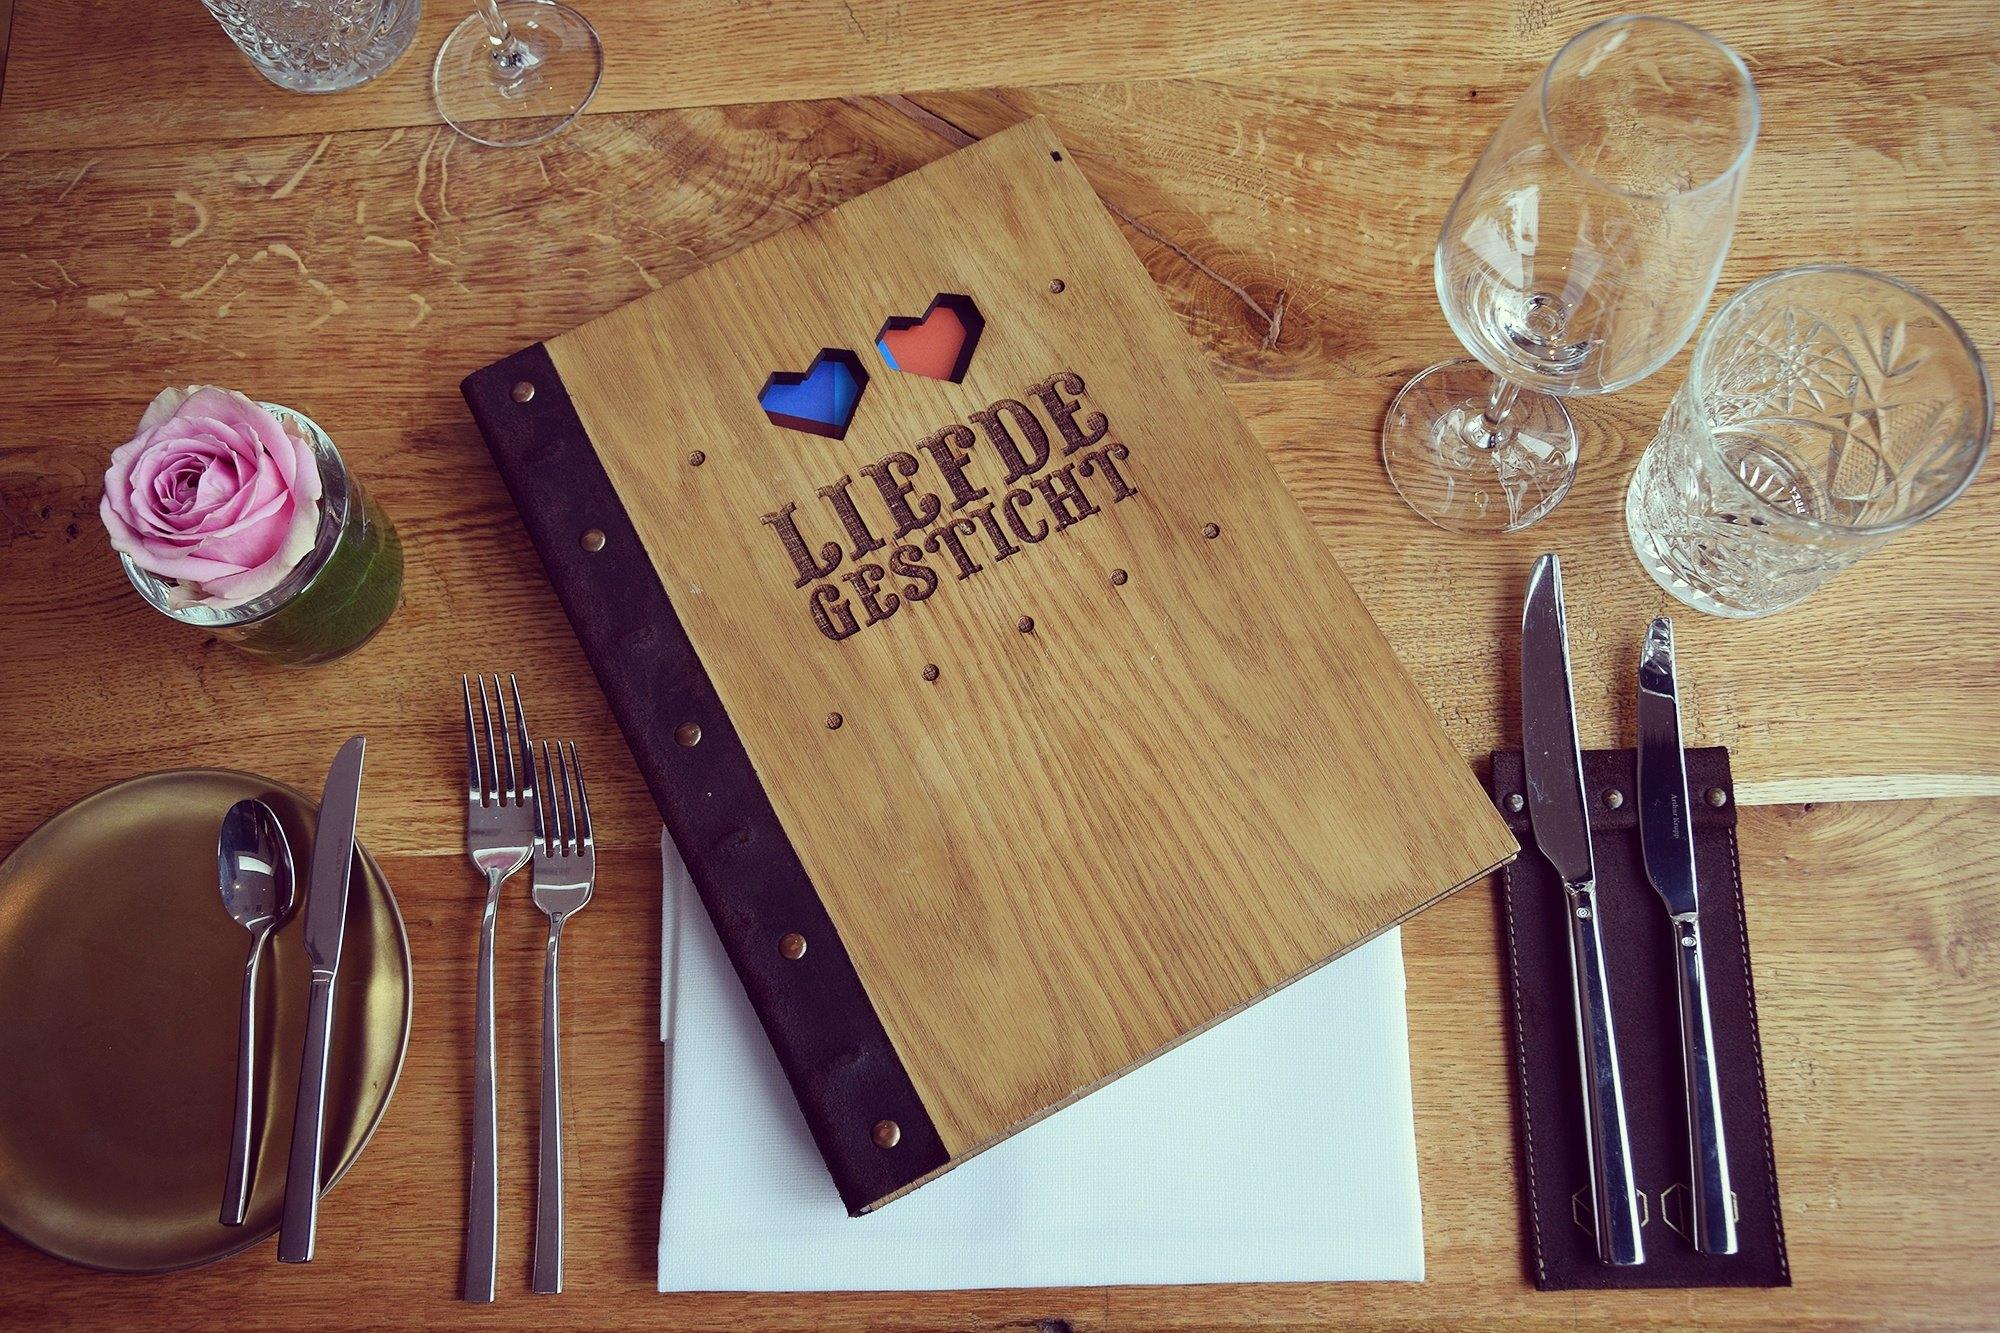 Restaurant Liefdegesticht Breda